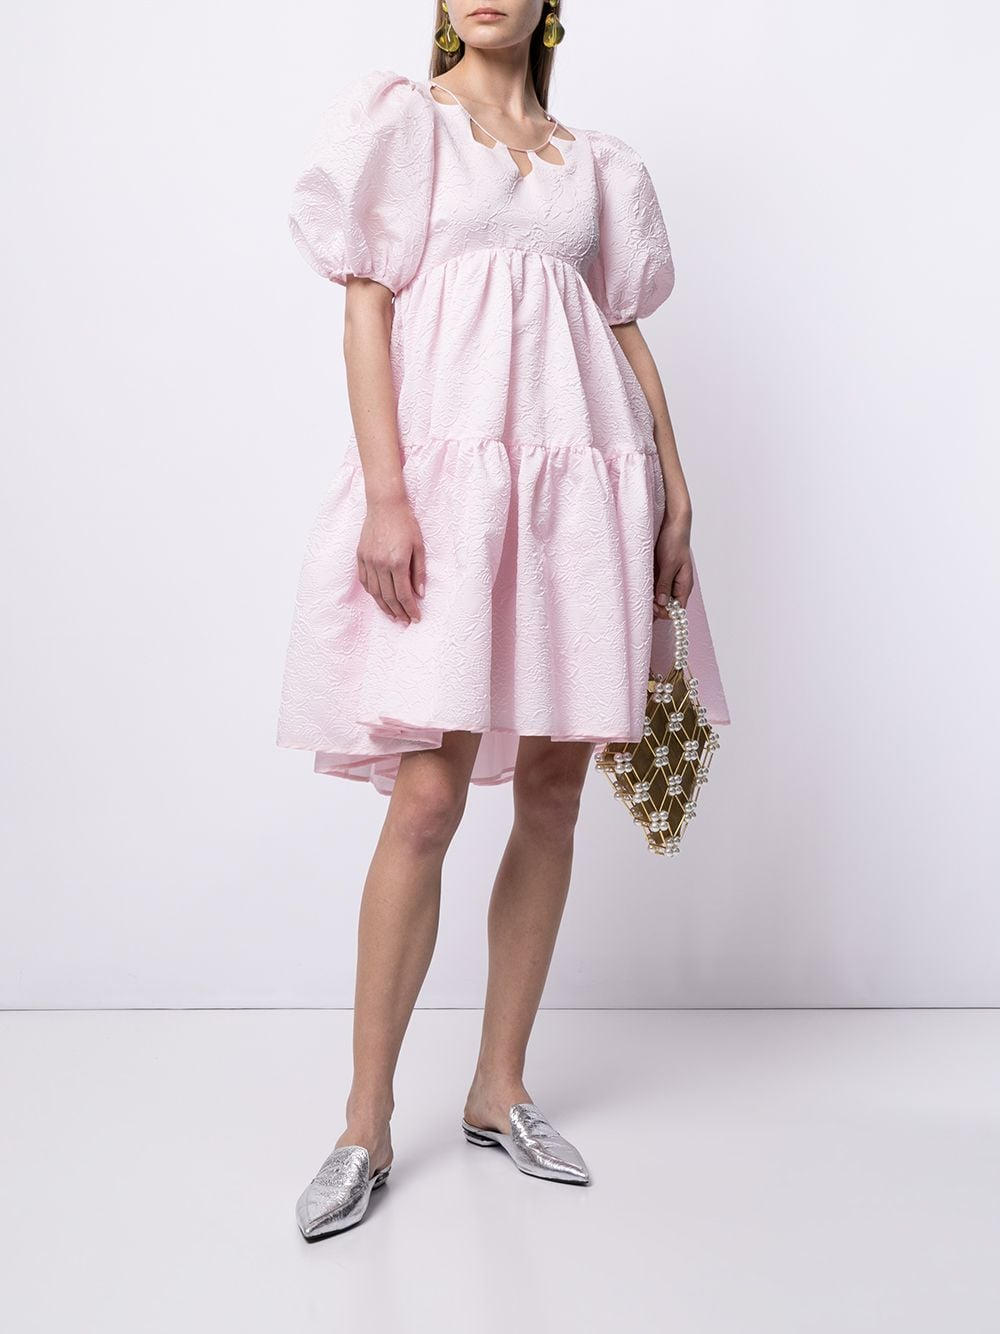 Cecilie bahnsen abito con maniche a palloncino donna blossom pink CECILIE BAHNSEN | Abiti | SS21020045BLSSMPNK